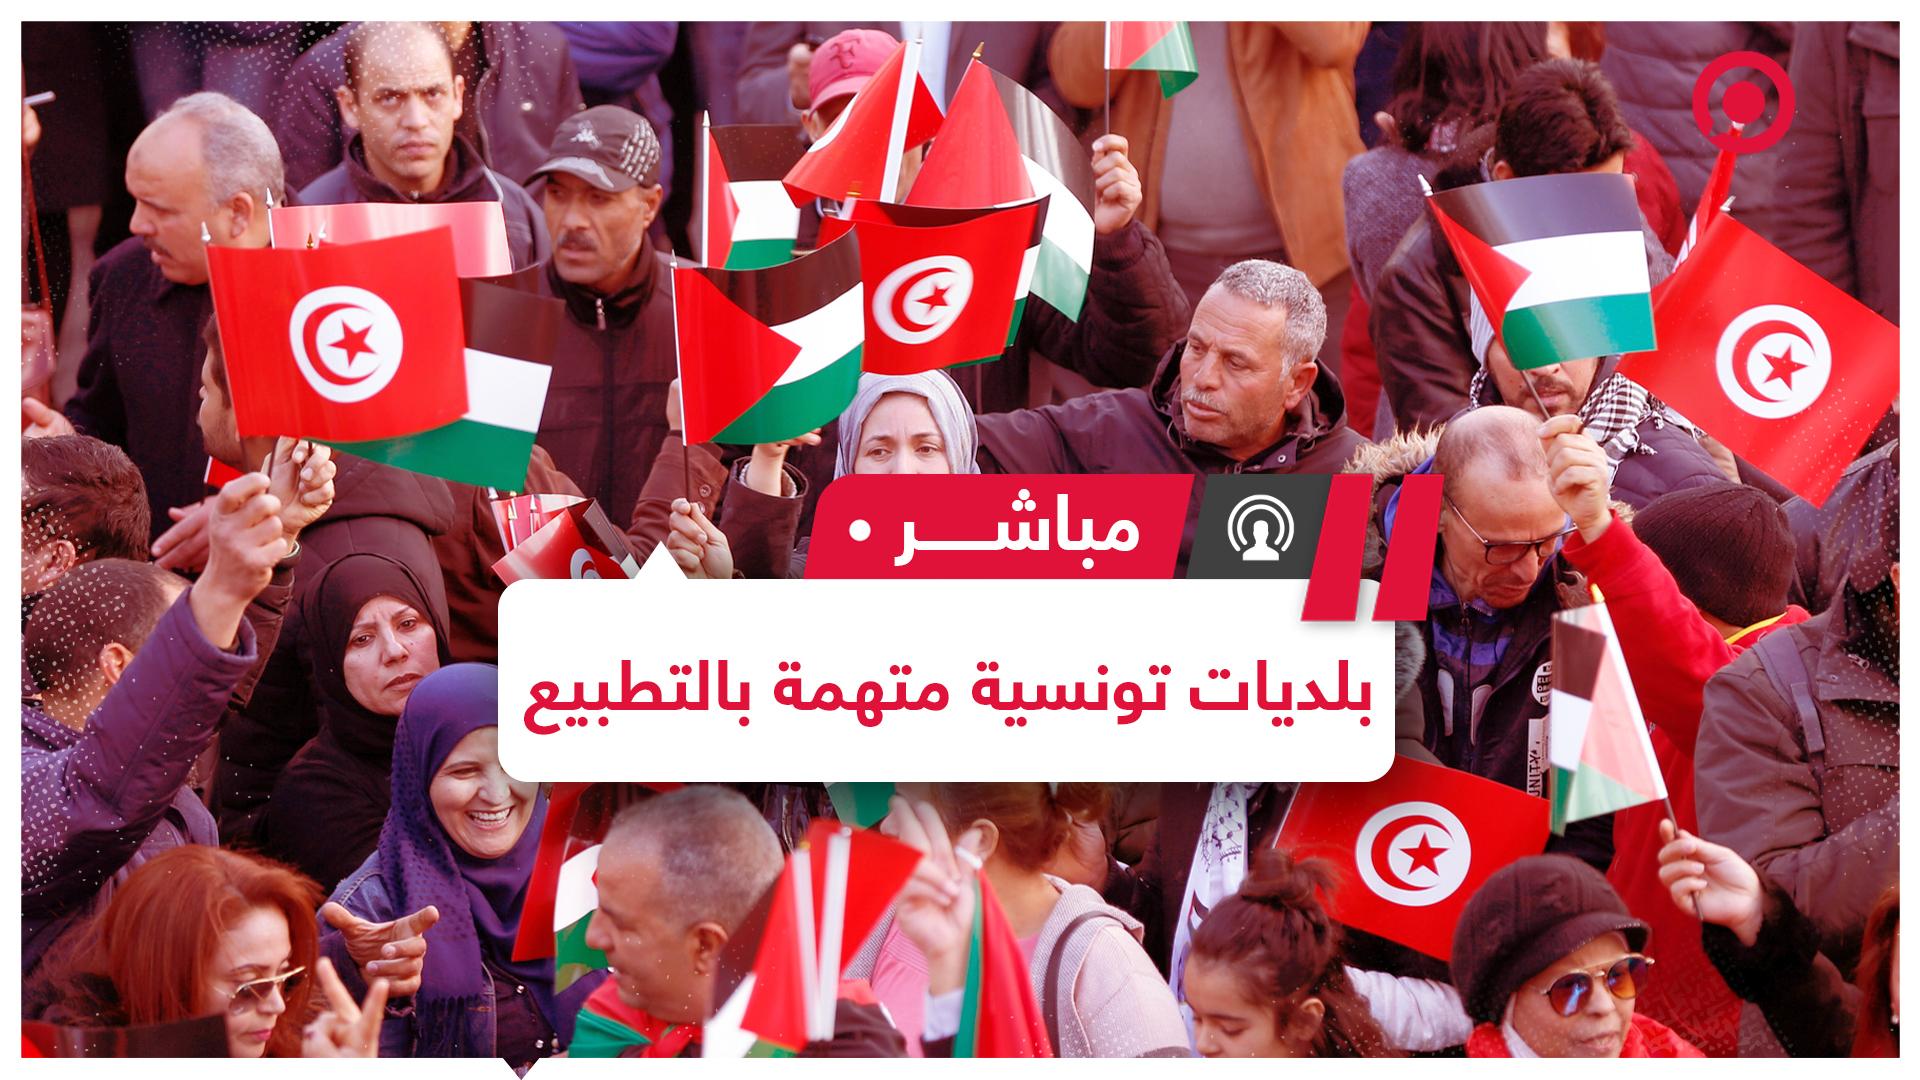 #تونس #إسرائيل